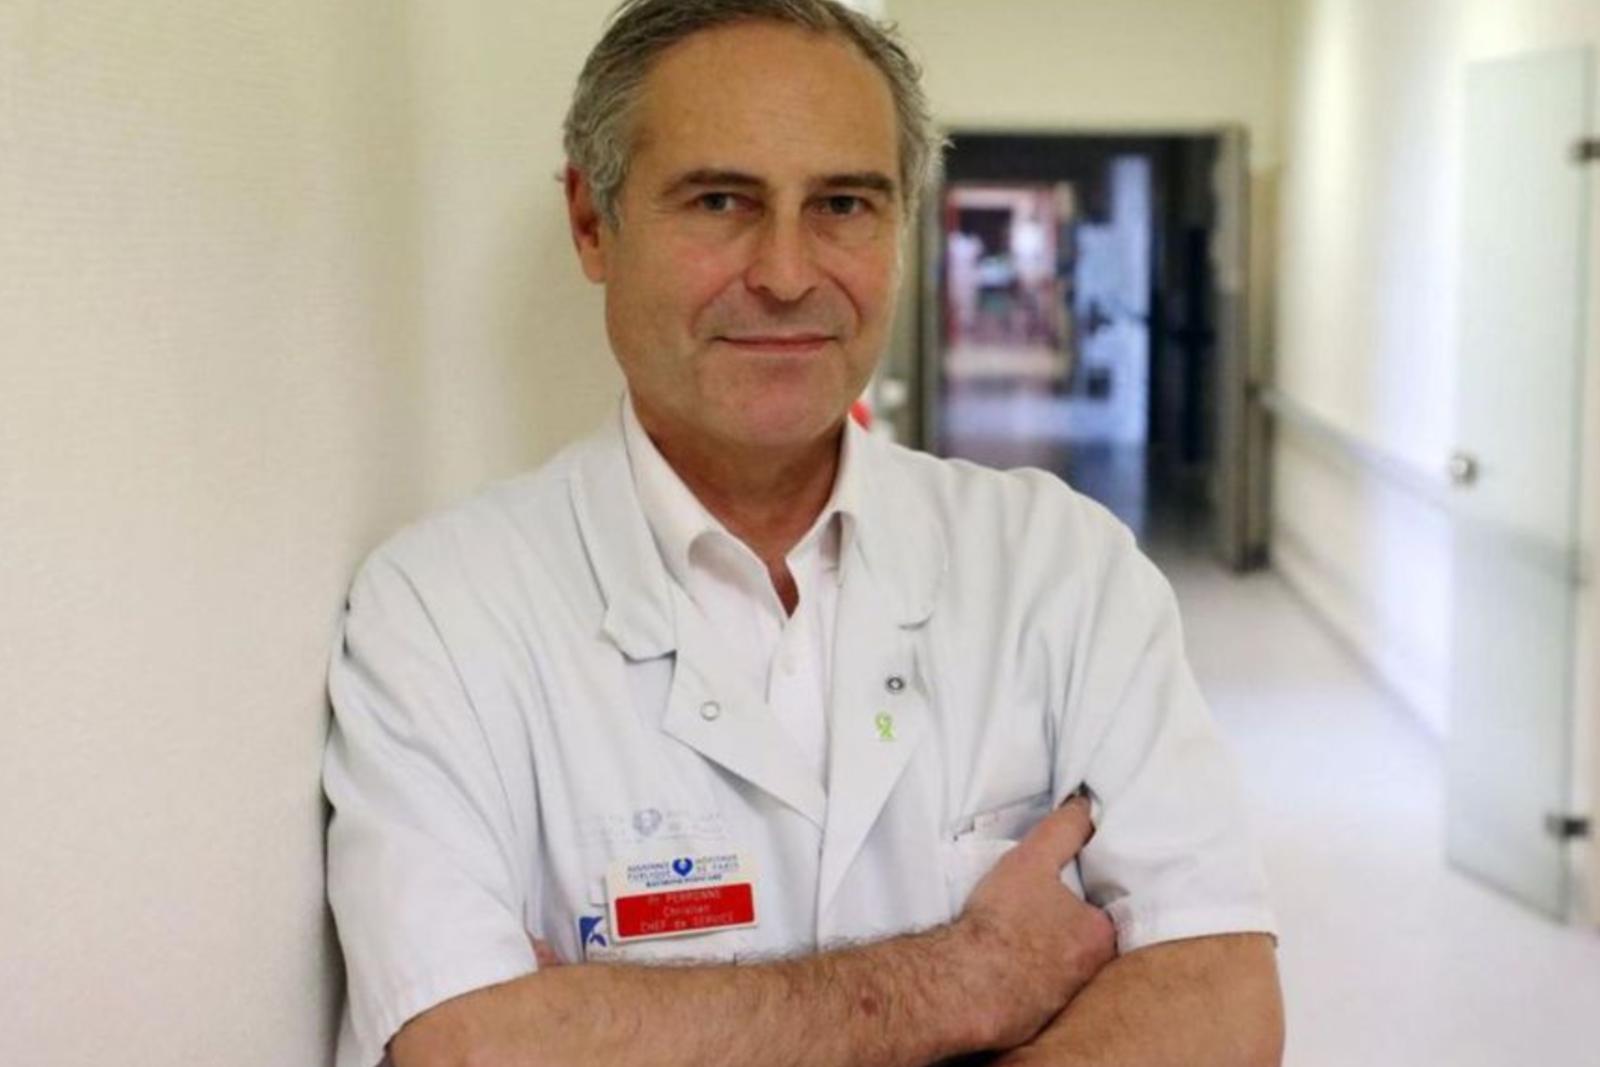 Christian Perronne ou l'honneur de la médecine